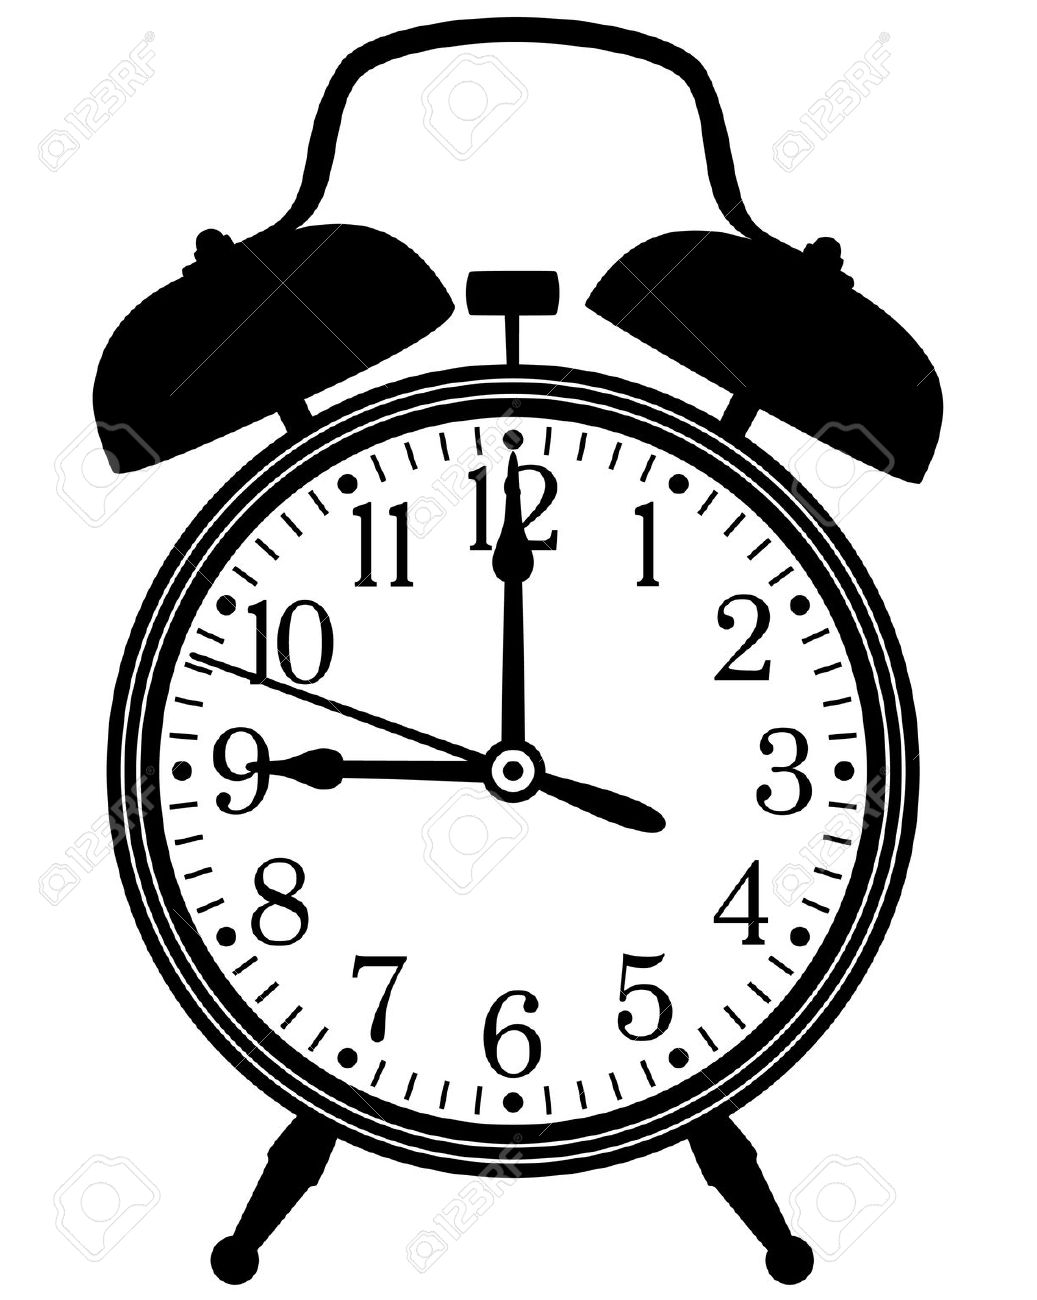 Clip art black and white retro clock clipart.